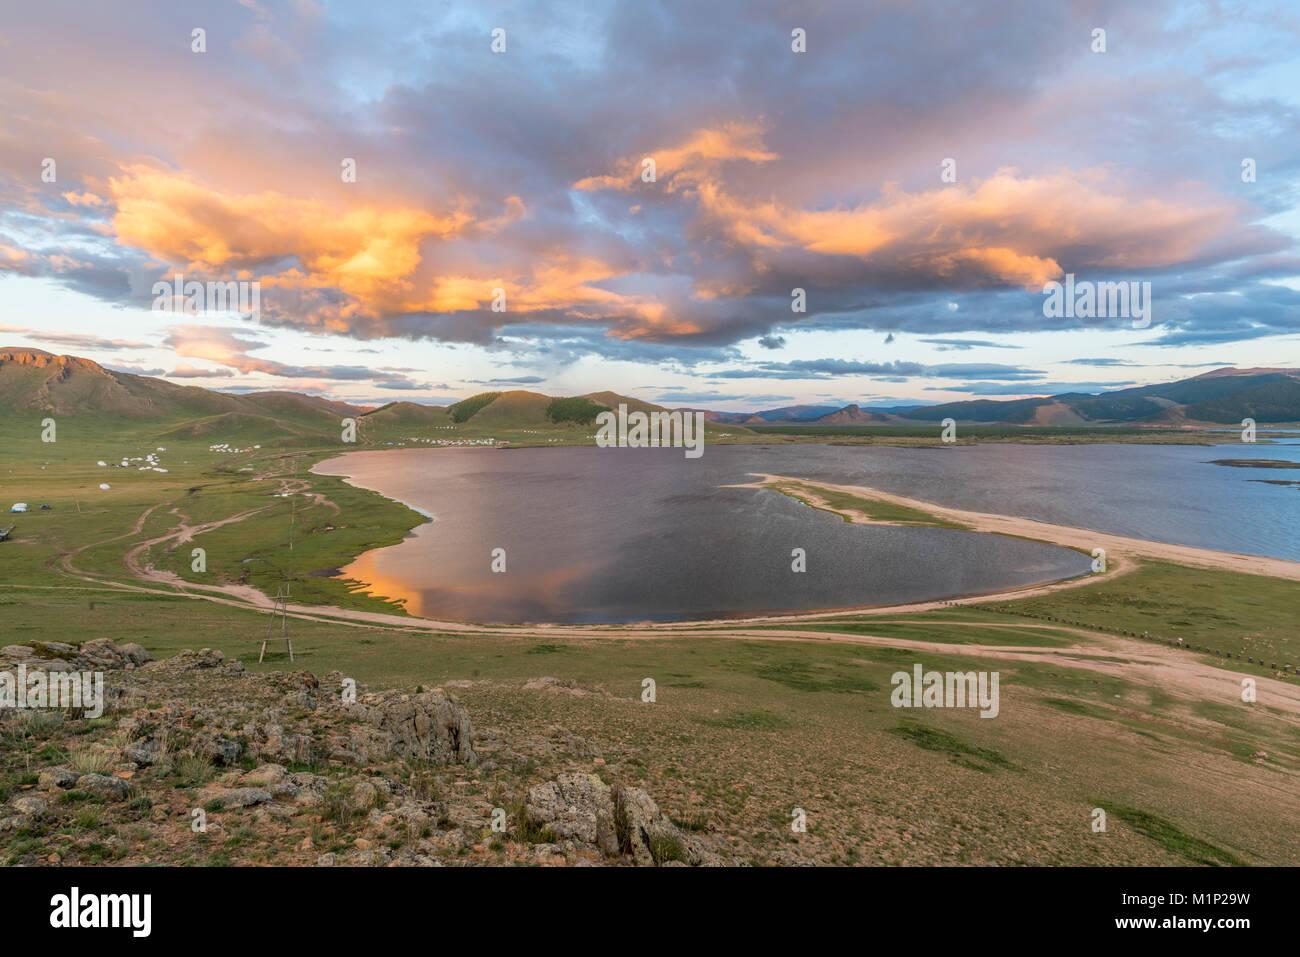 Sonnenuntergang über dem Weißen See, Proletariats Bezirk,Hangay Provinz, Mongolei, Zentralasien, Asien Stockbild